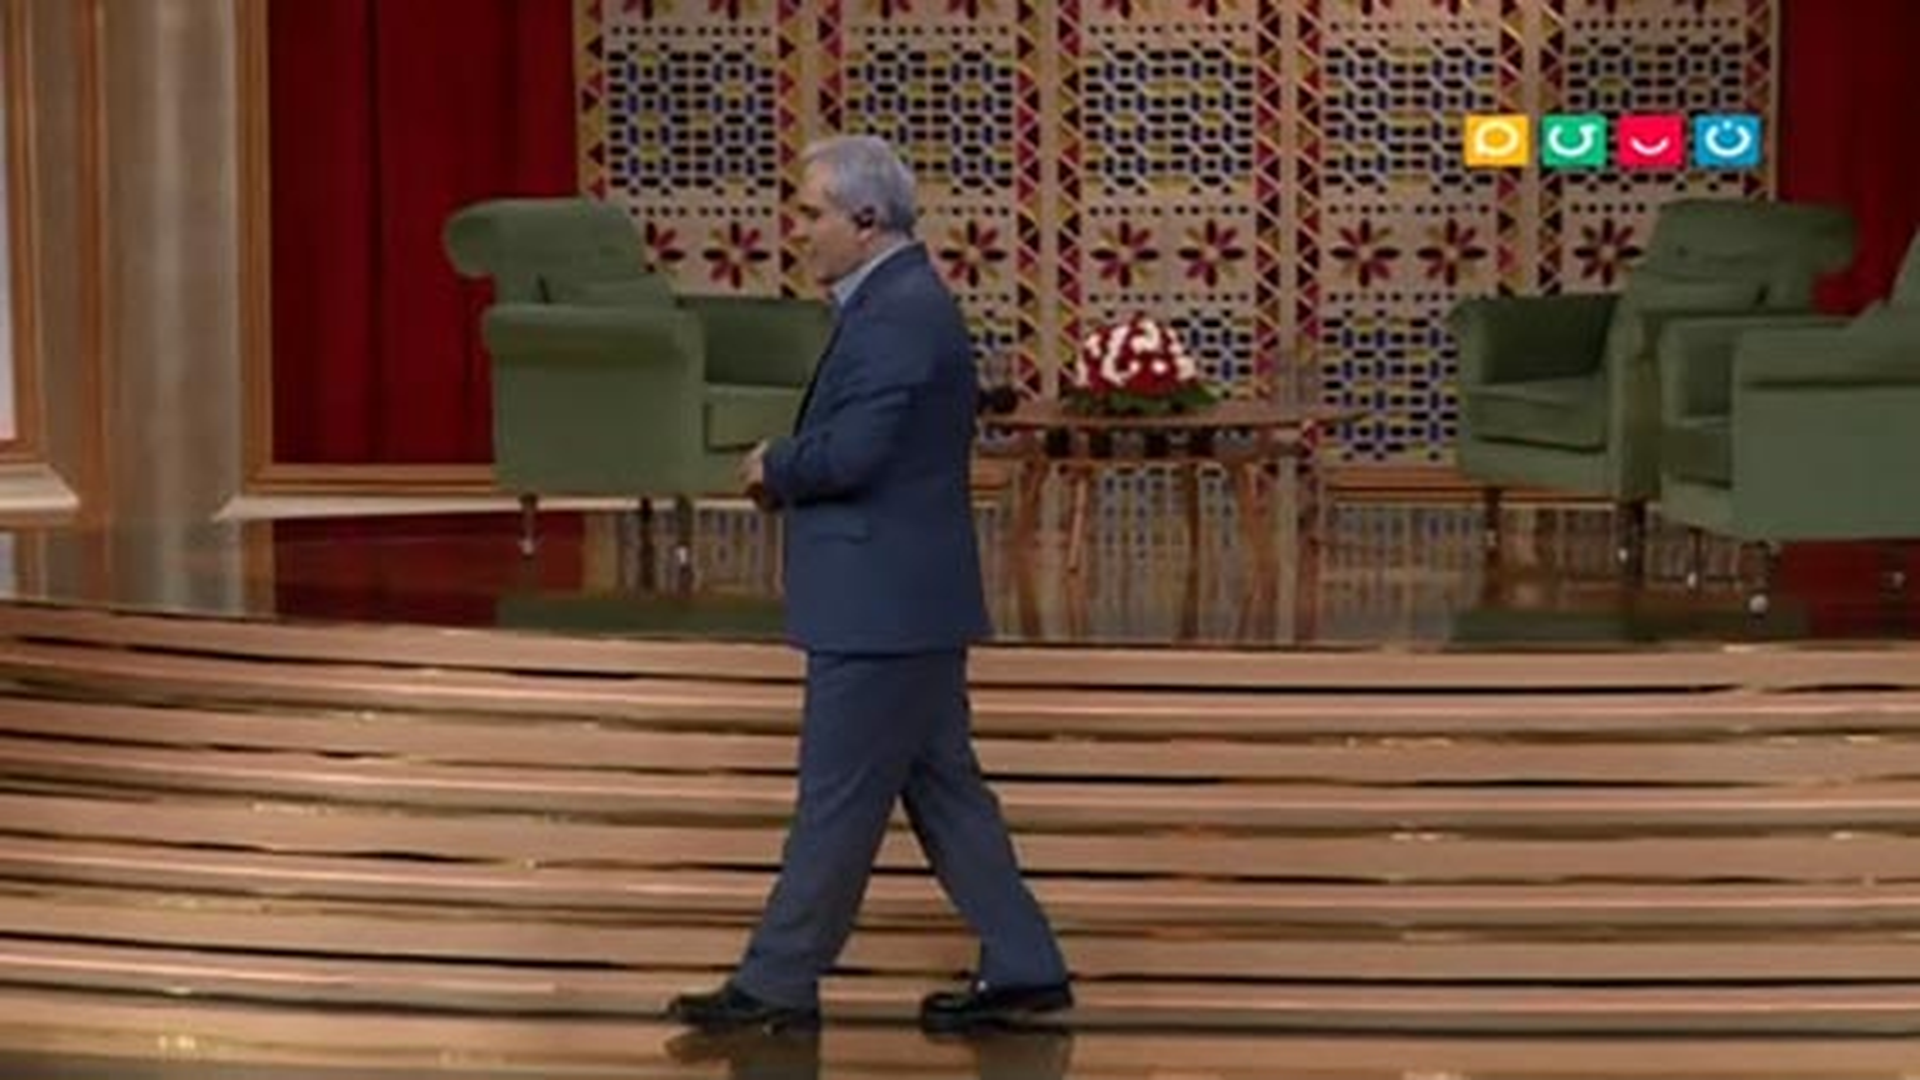 استندآپ کمدی مهران مدیری درباره خود اشتغالی   فیلم